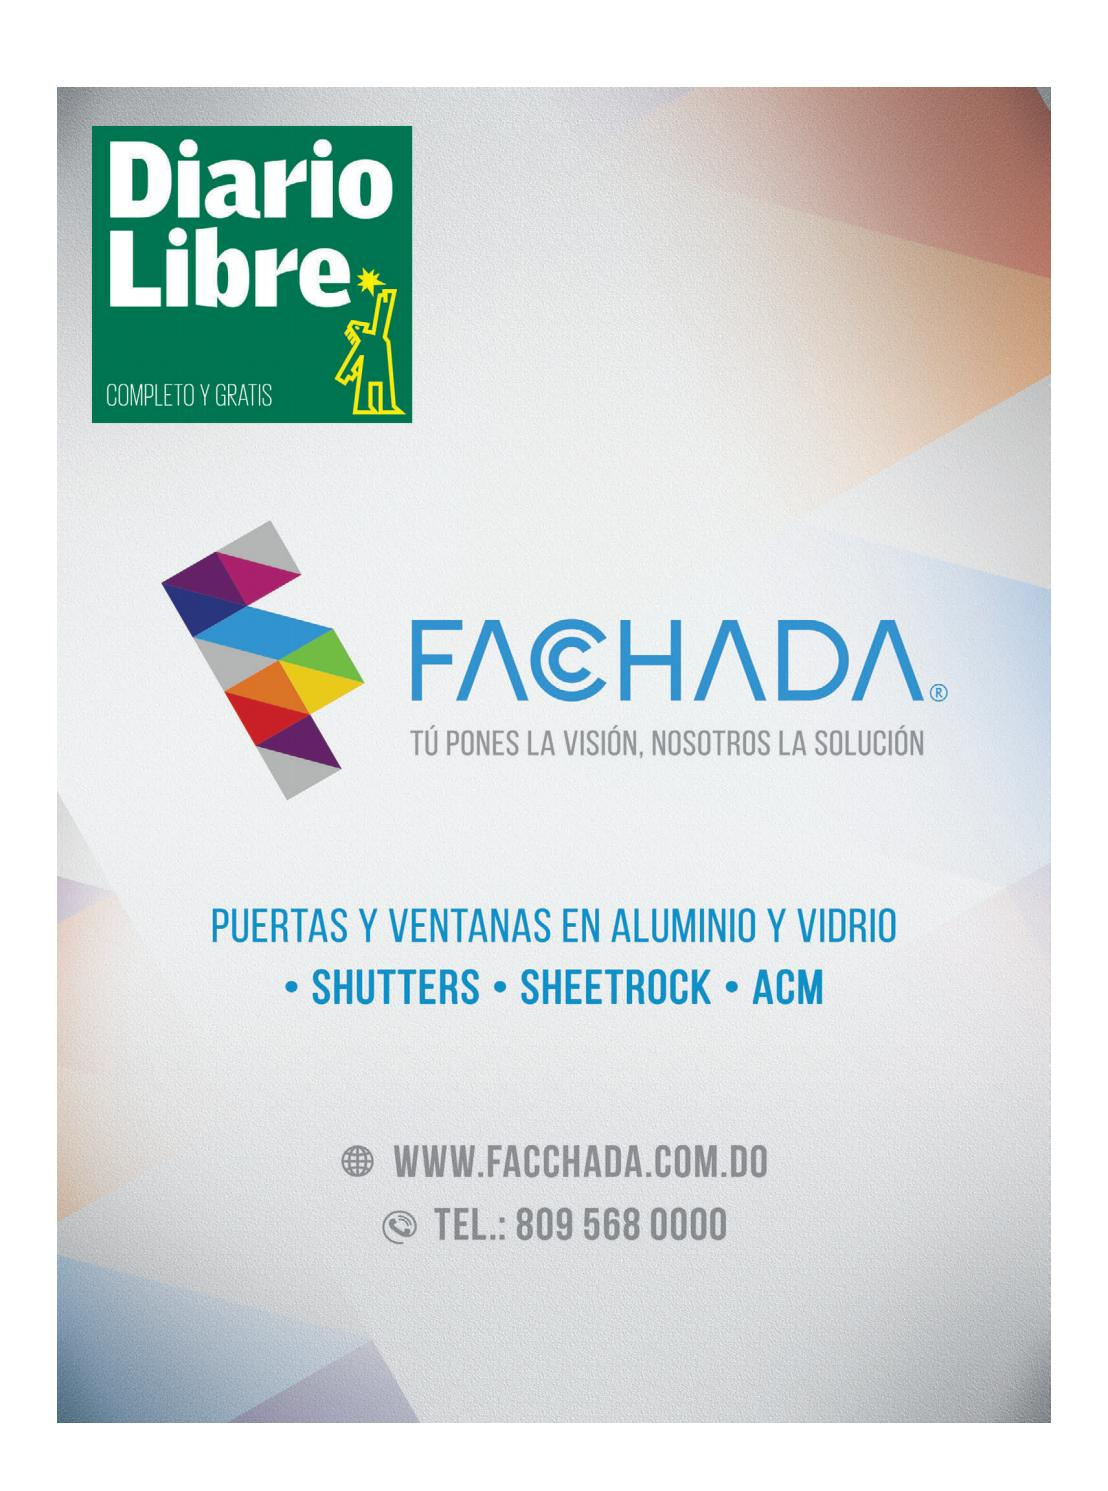 Diariolibre4983 by Grupo Diario Libre, S. A. - issuu